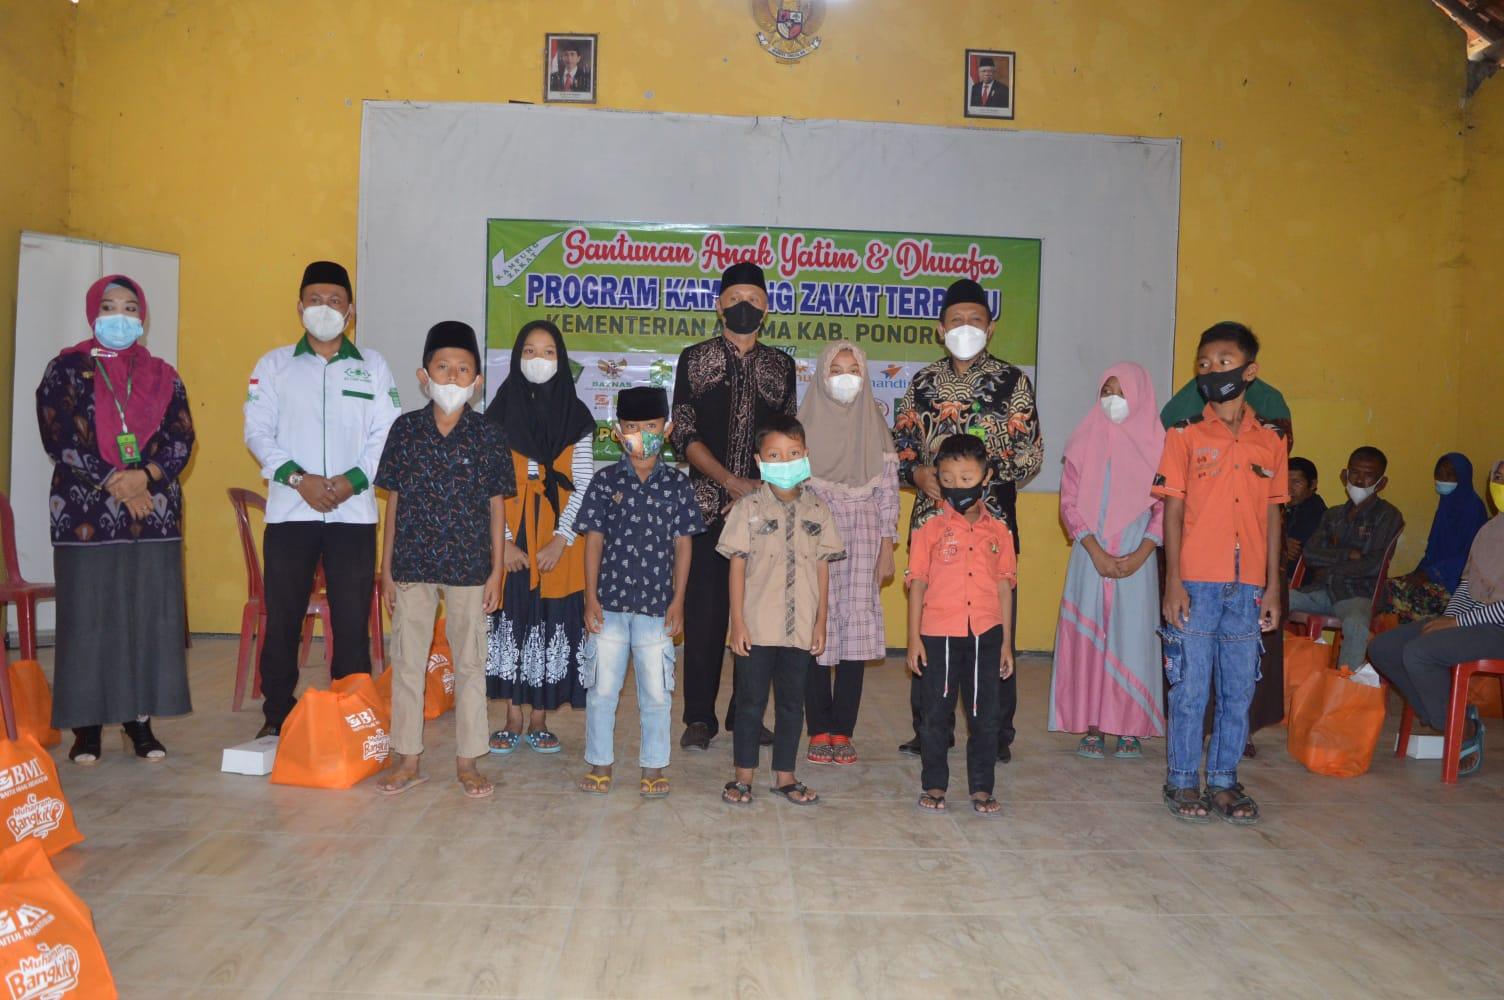 Para anak yatim dan dhuafa berpose bersama Kepala Kantor Kemenag Ponorogo H. Syaikhul Hadi (baju batik, masker putih) usai menerima santunan Lazisnu